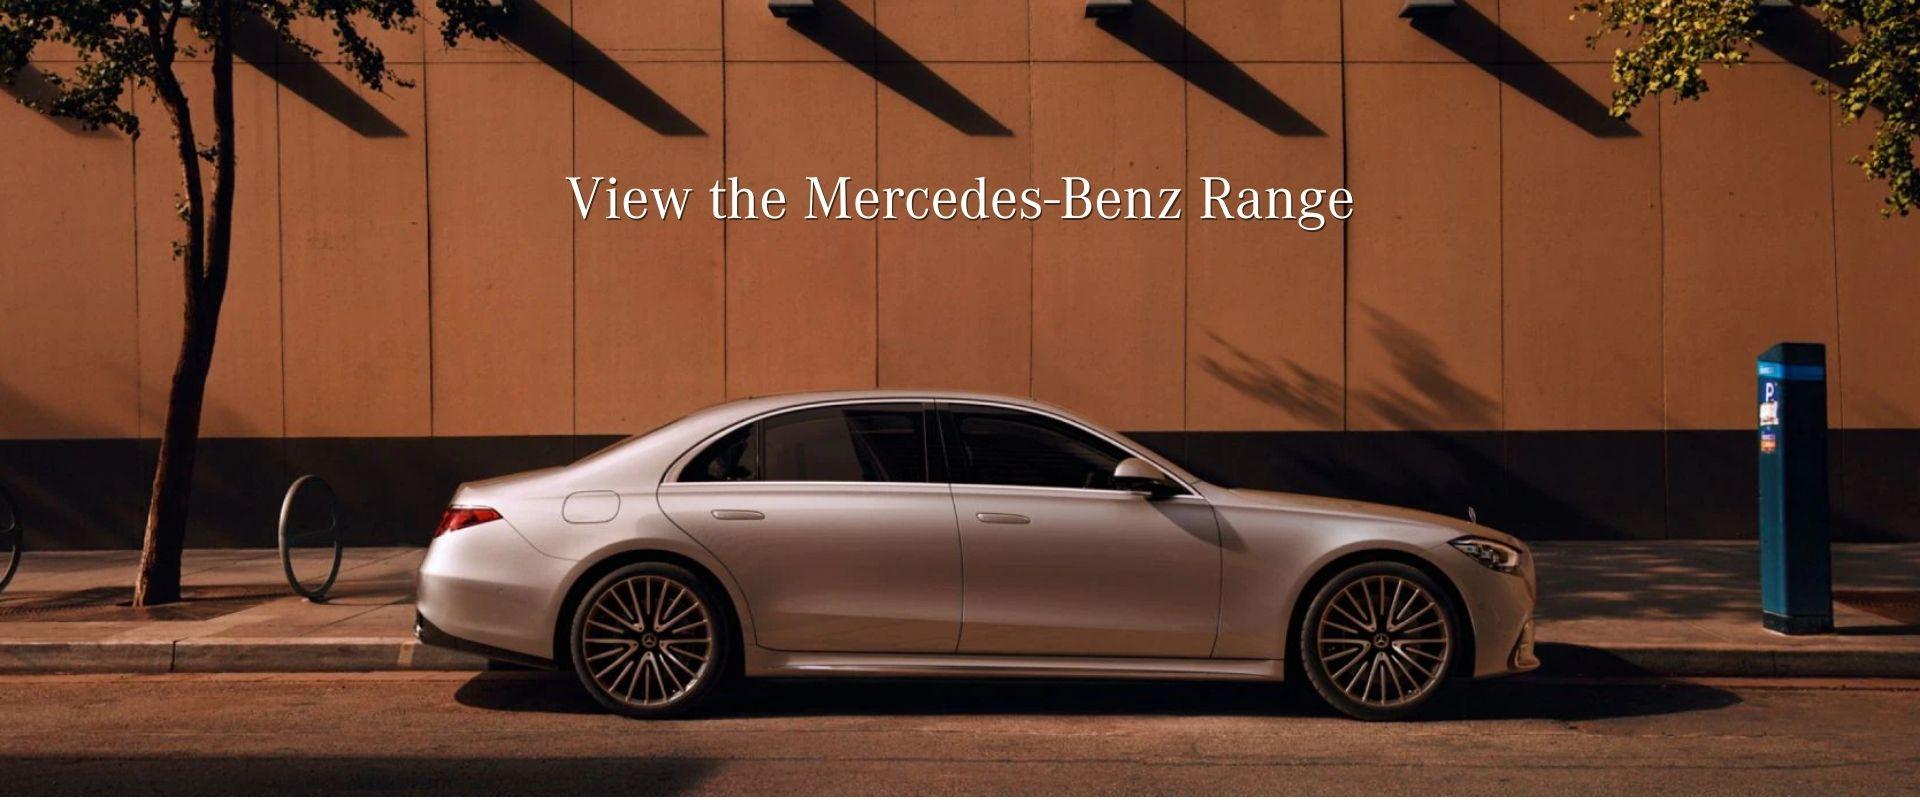 Discover the Mercede-Benz Range